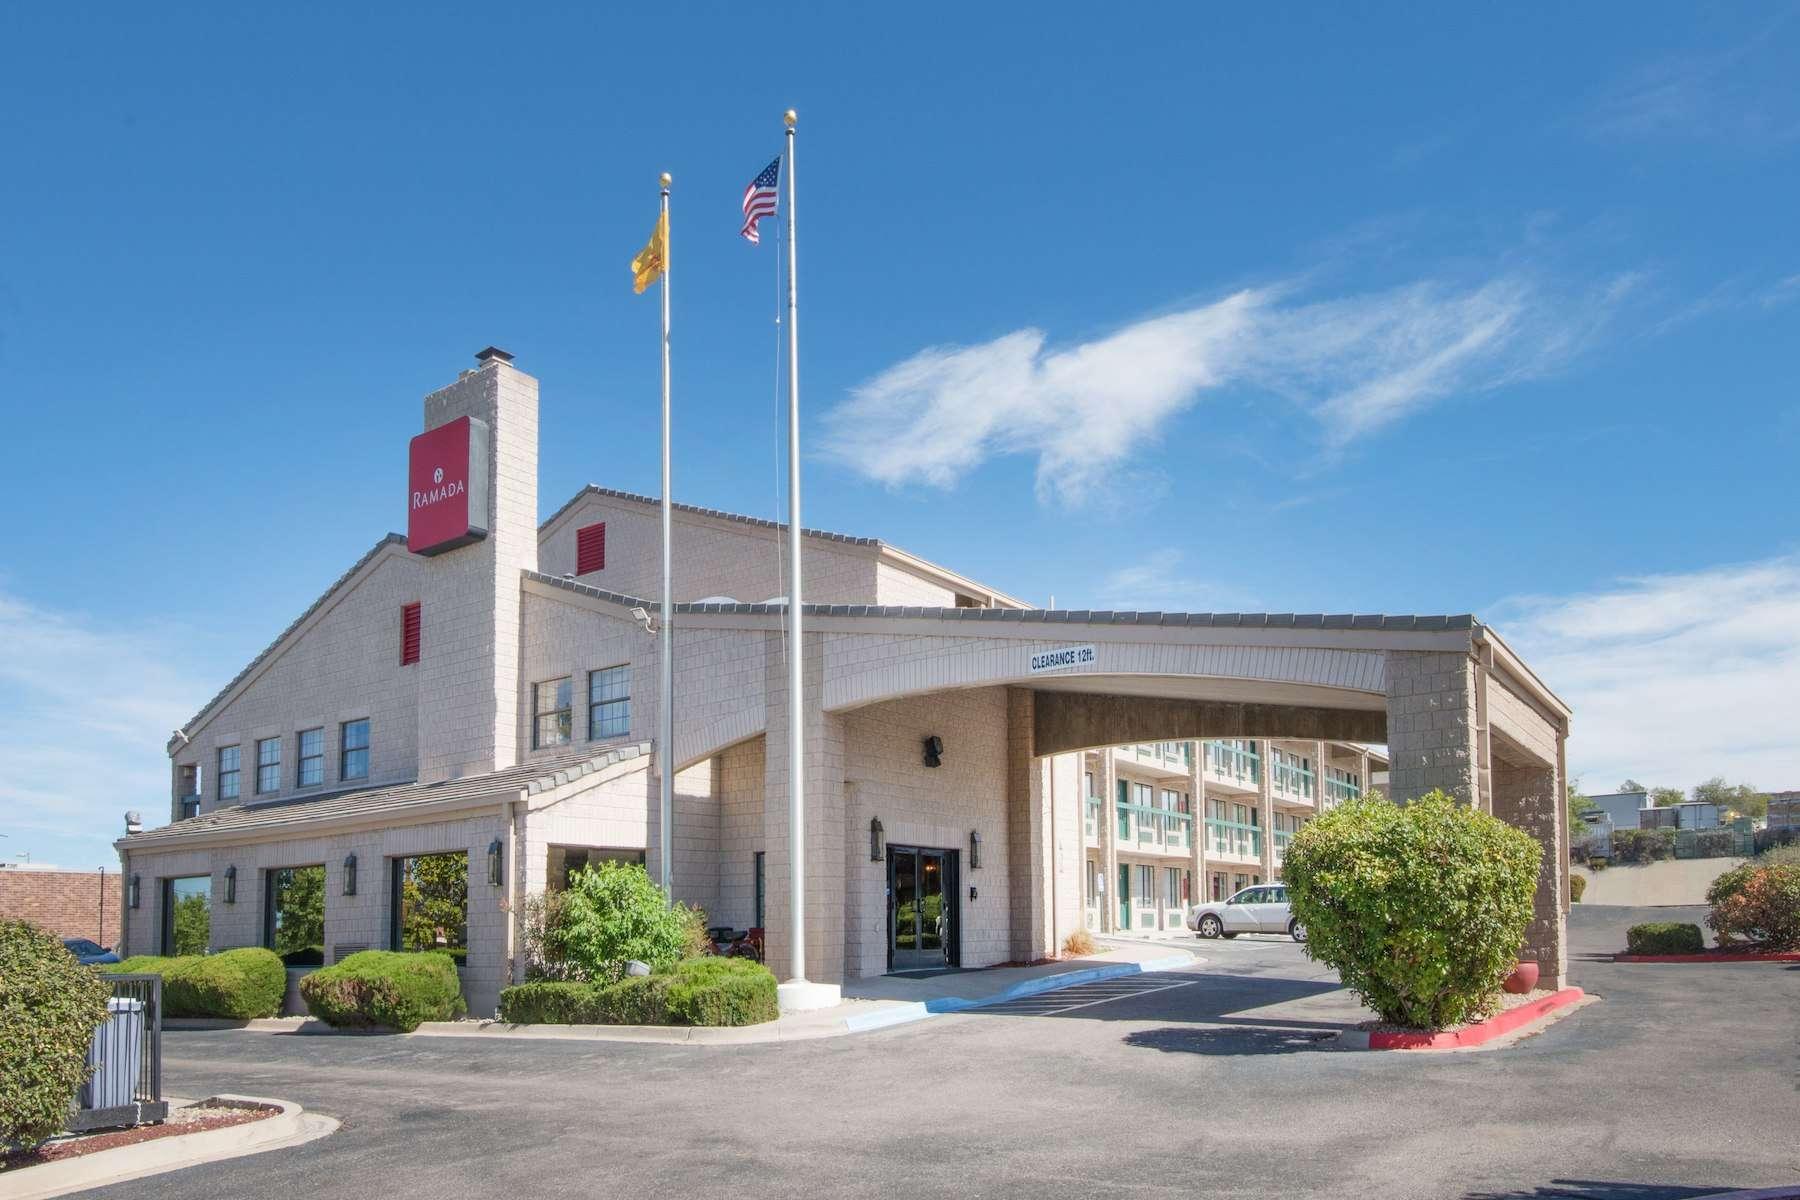 Ramada Abq Airport Nm Abq Airport Park Sleep Hotels